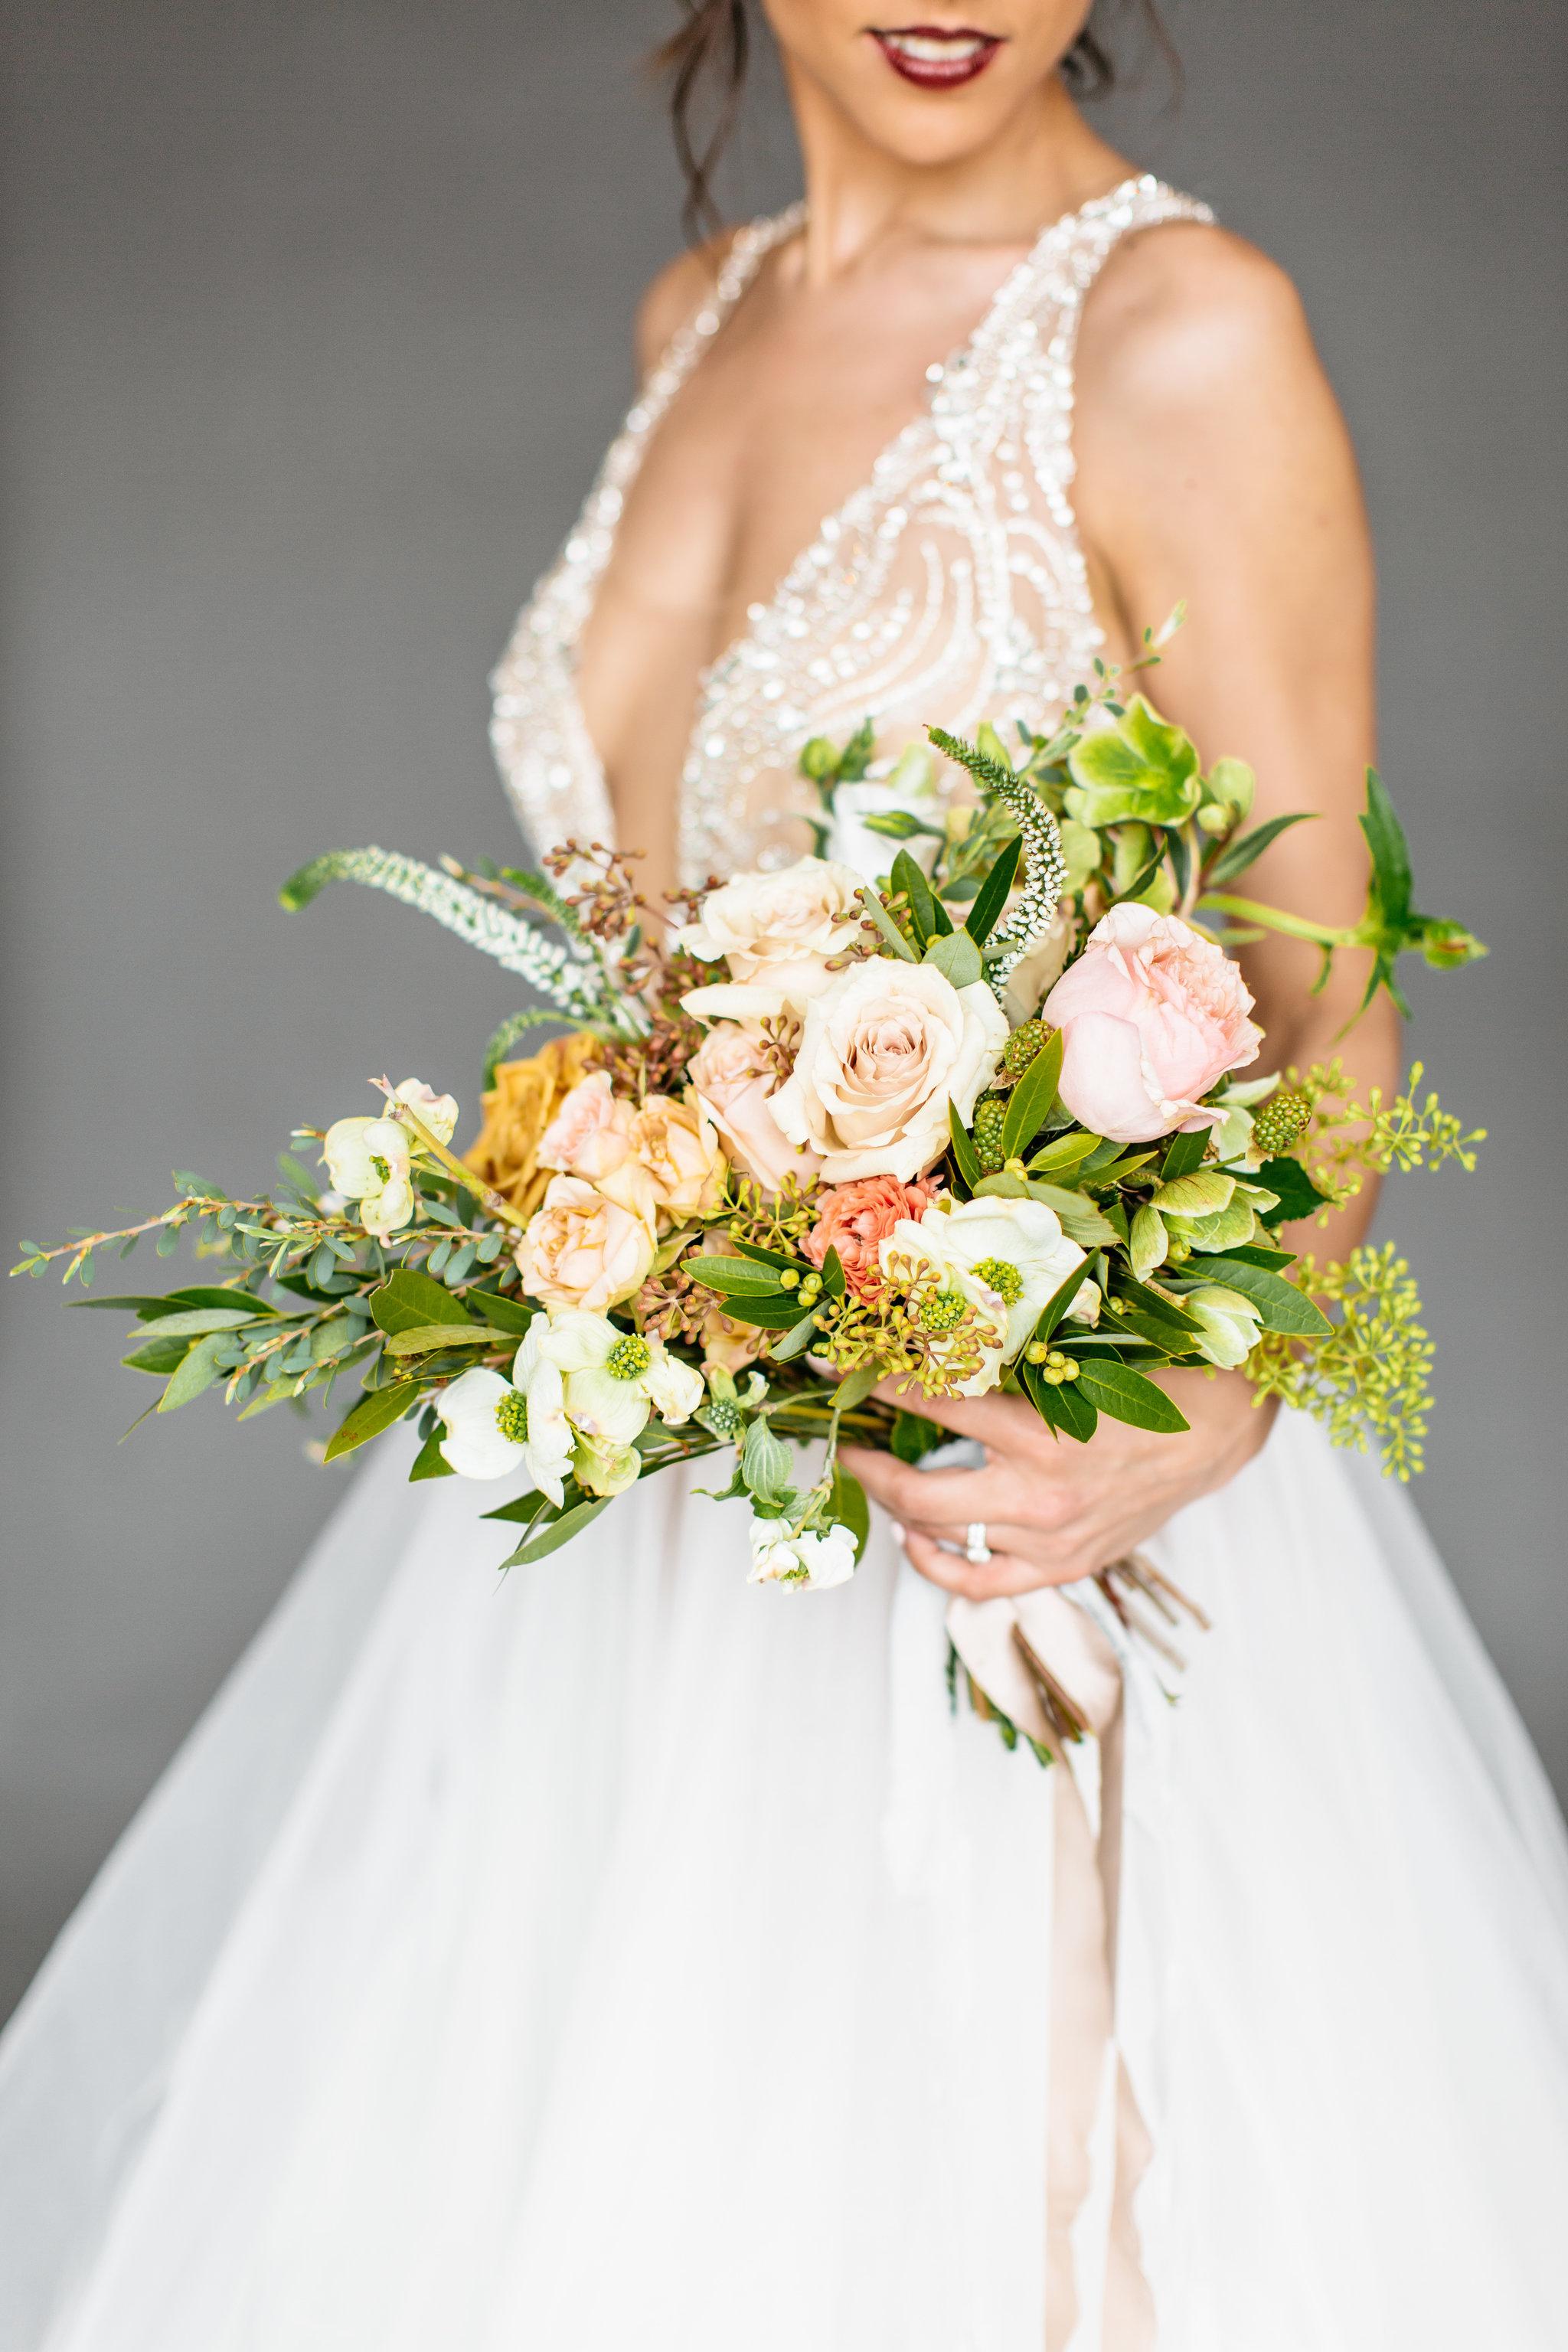 Alexa-Vossler-Photo_Dallas-Wedding-Photographer_Photoshoot-at-the-Station-McKinney_Empower-Event-23.jpg